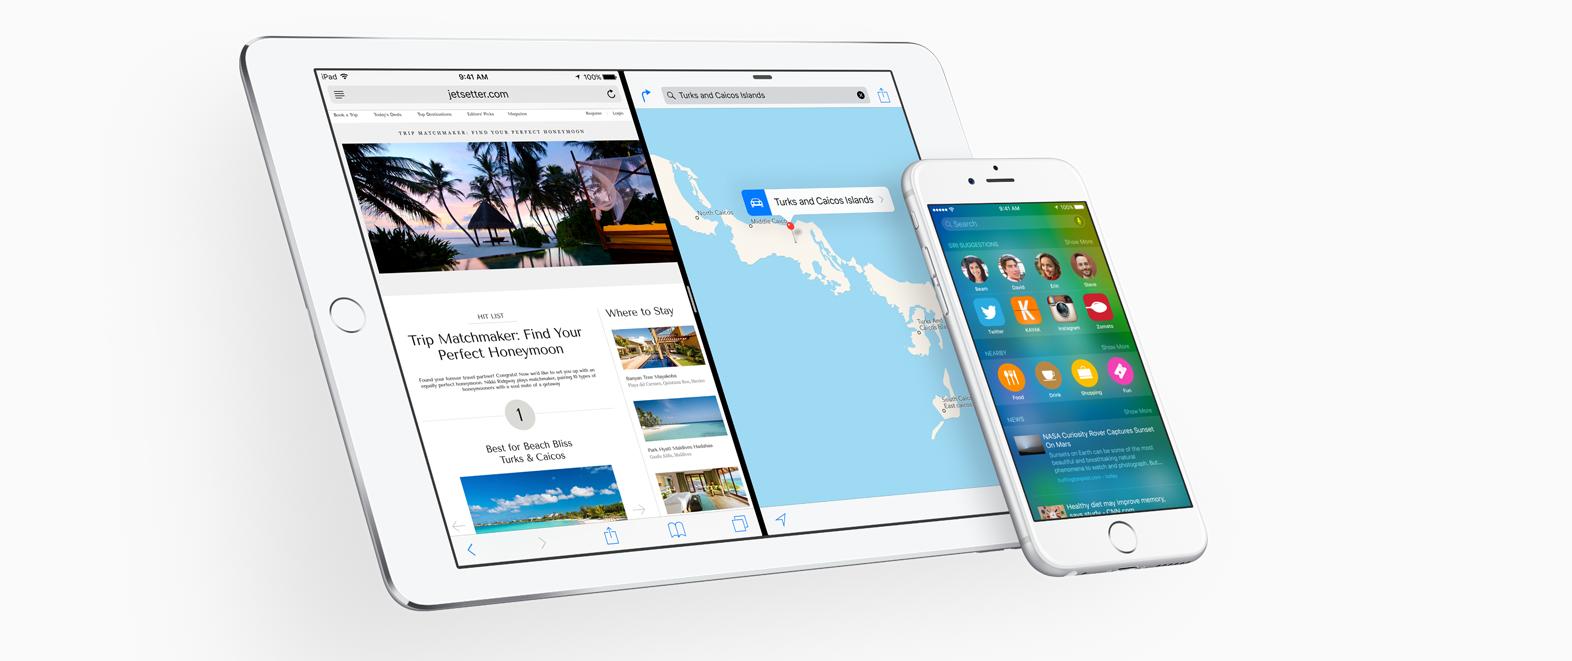 iOS 9: Nå oppdateres iPhone-en din